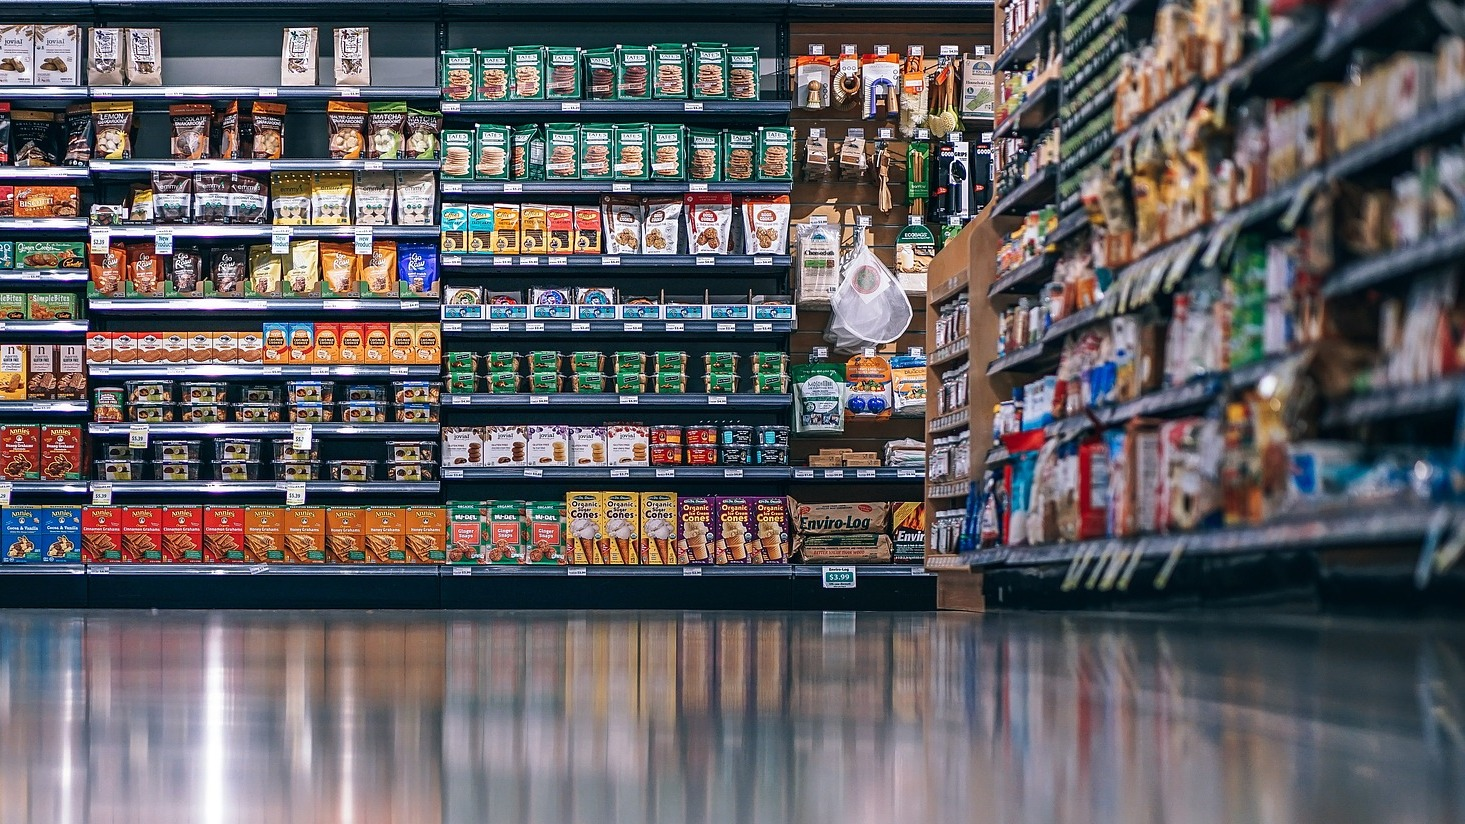 Producenci odpowiadają na kontrolę UOKiK. Różna jakość żywności w Polsce i w Niemczech